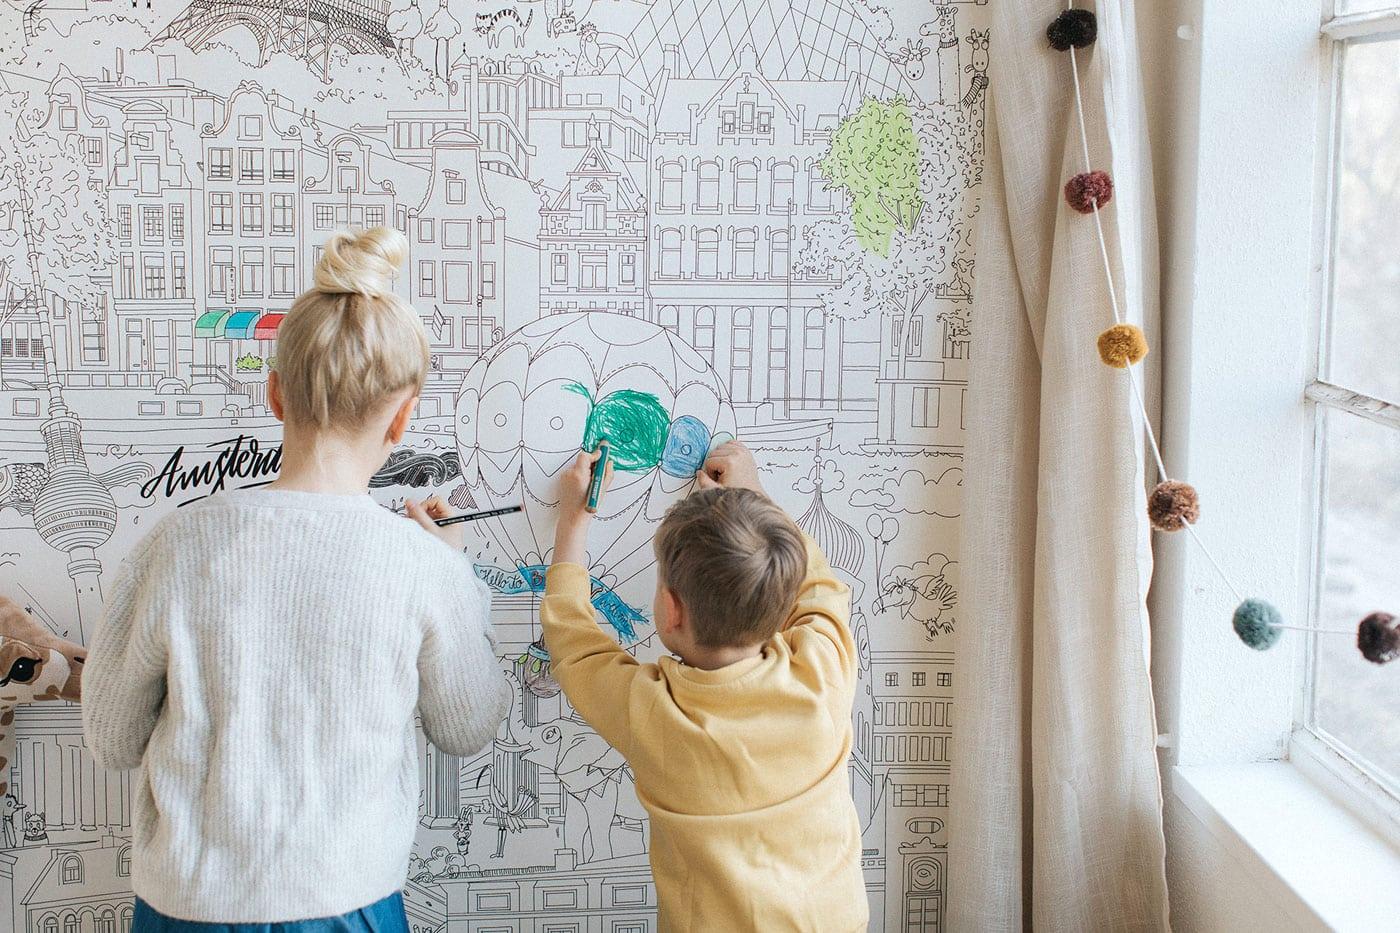 Lieblingssachen für Kinder: Ausmaltapete // HIMBEER